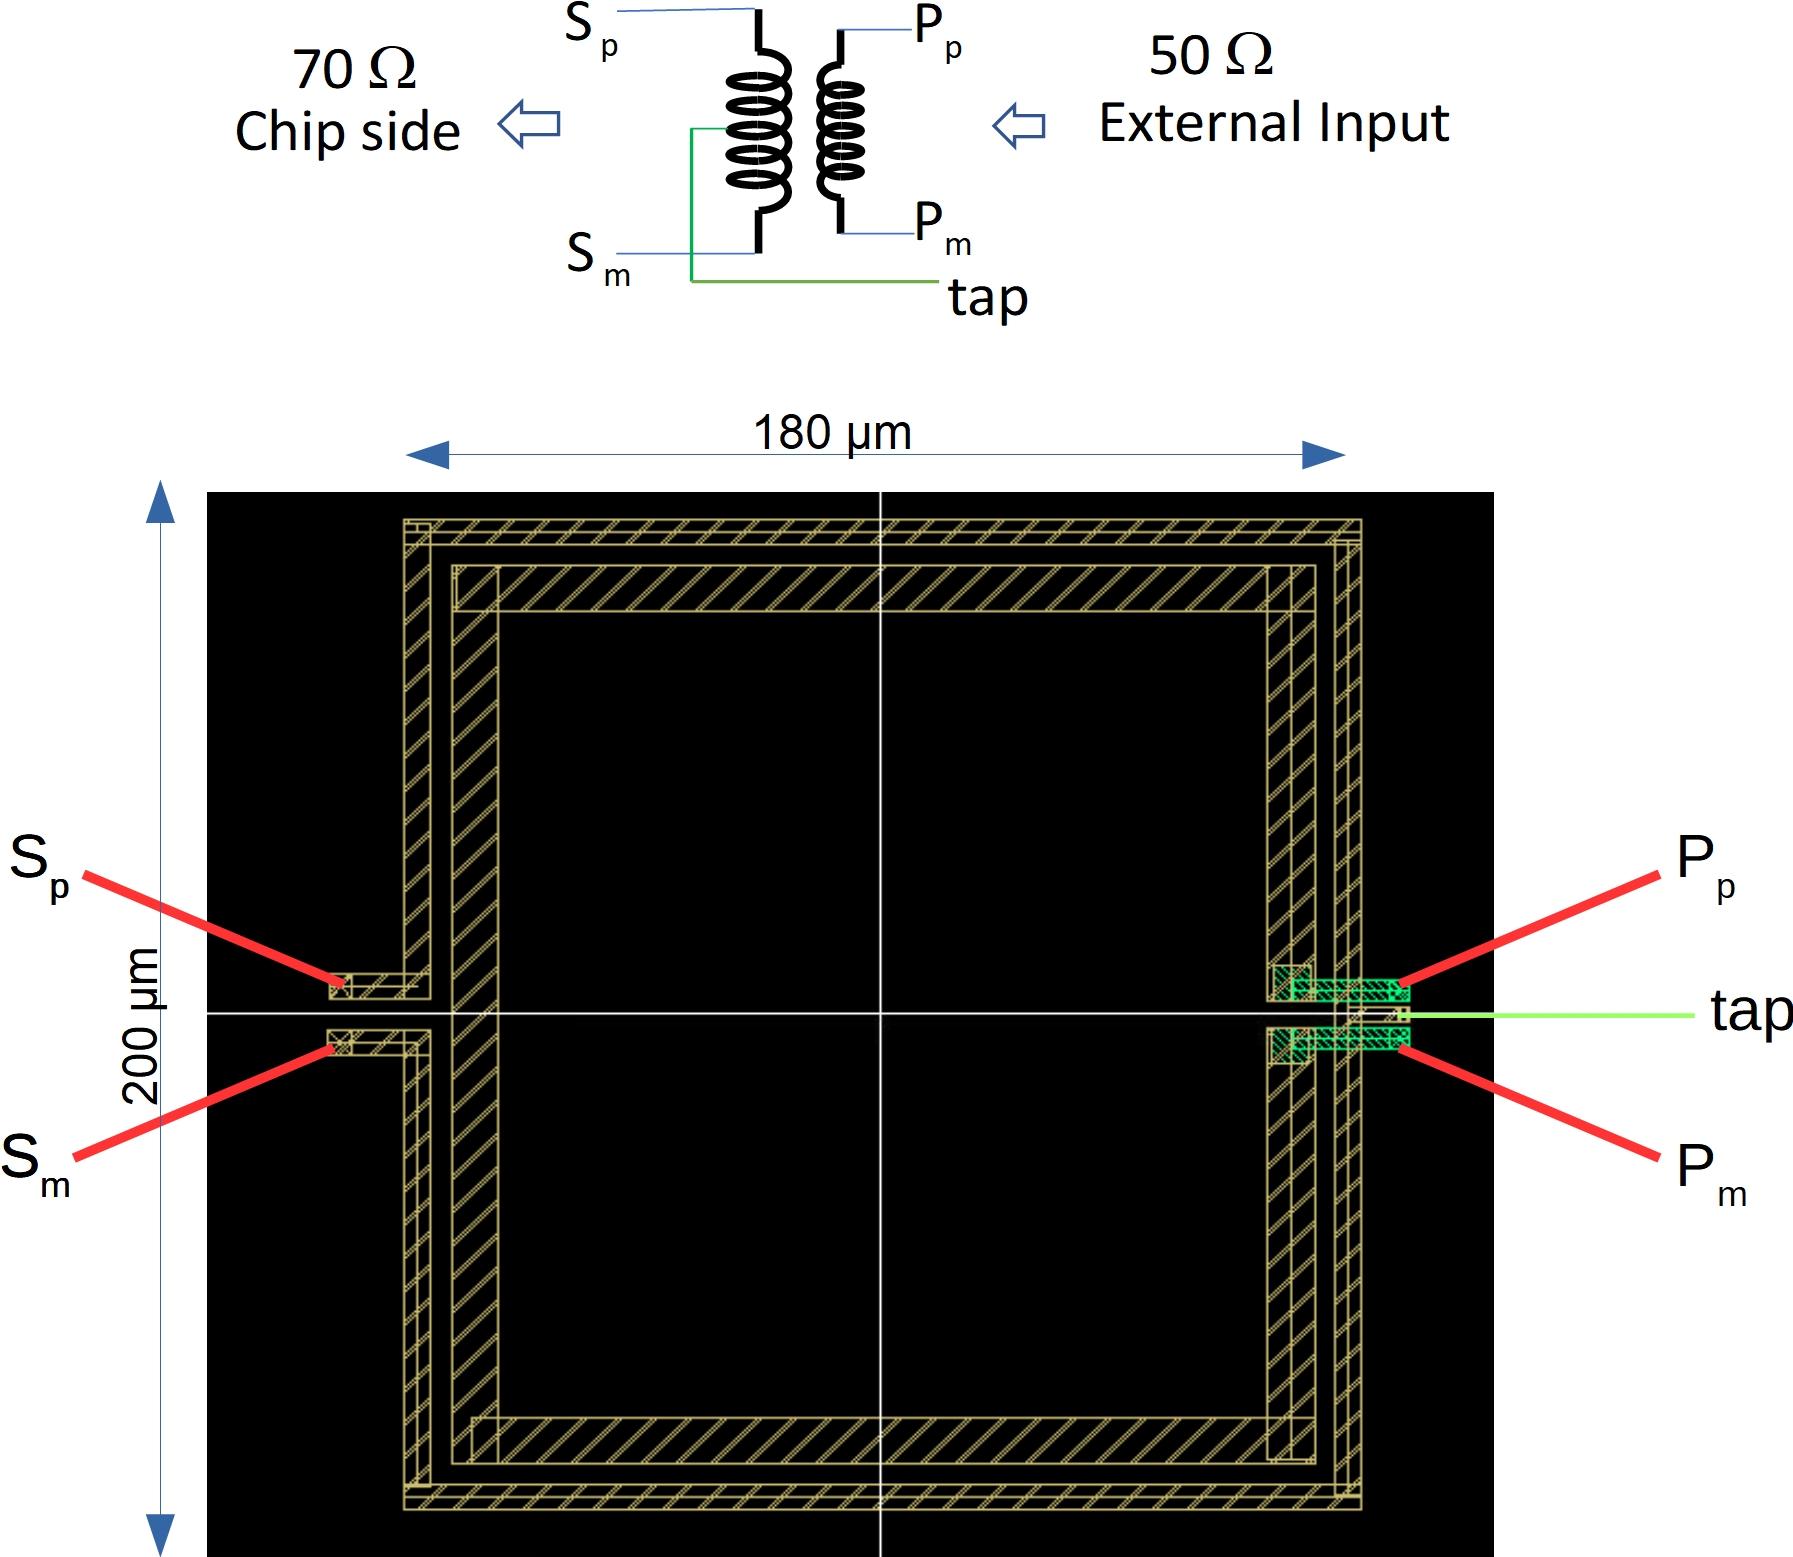 The RF Signal Balancing Act